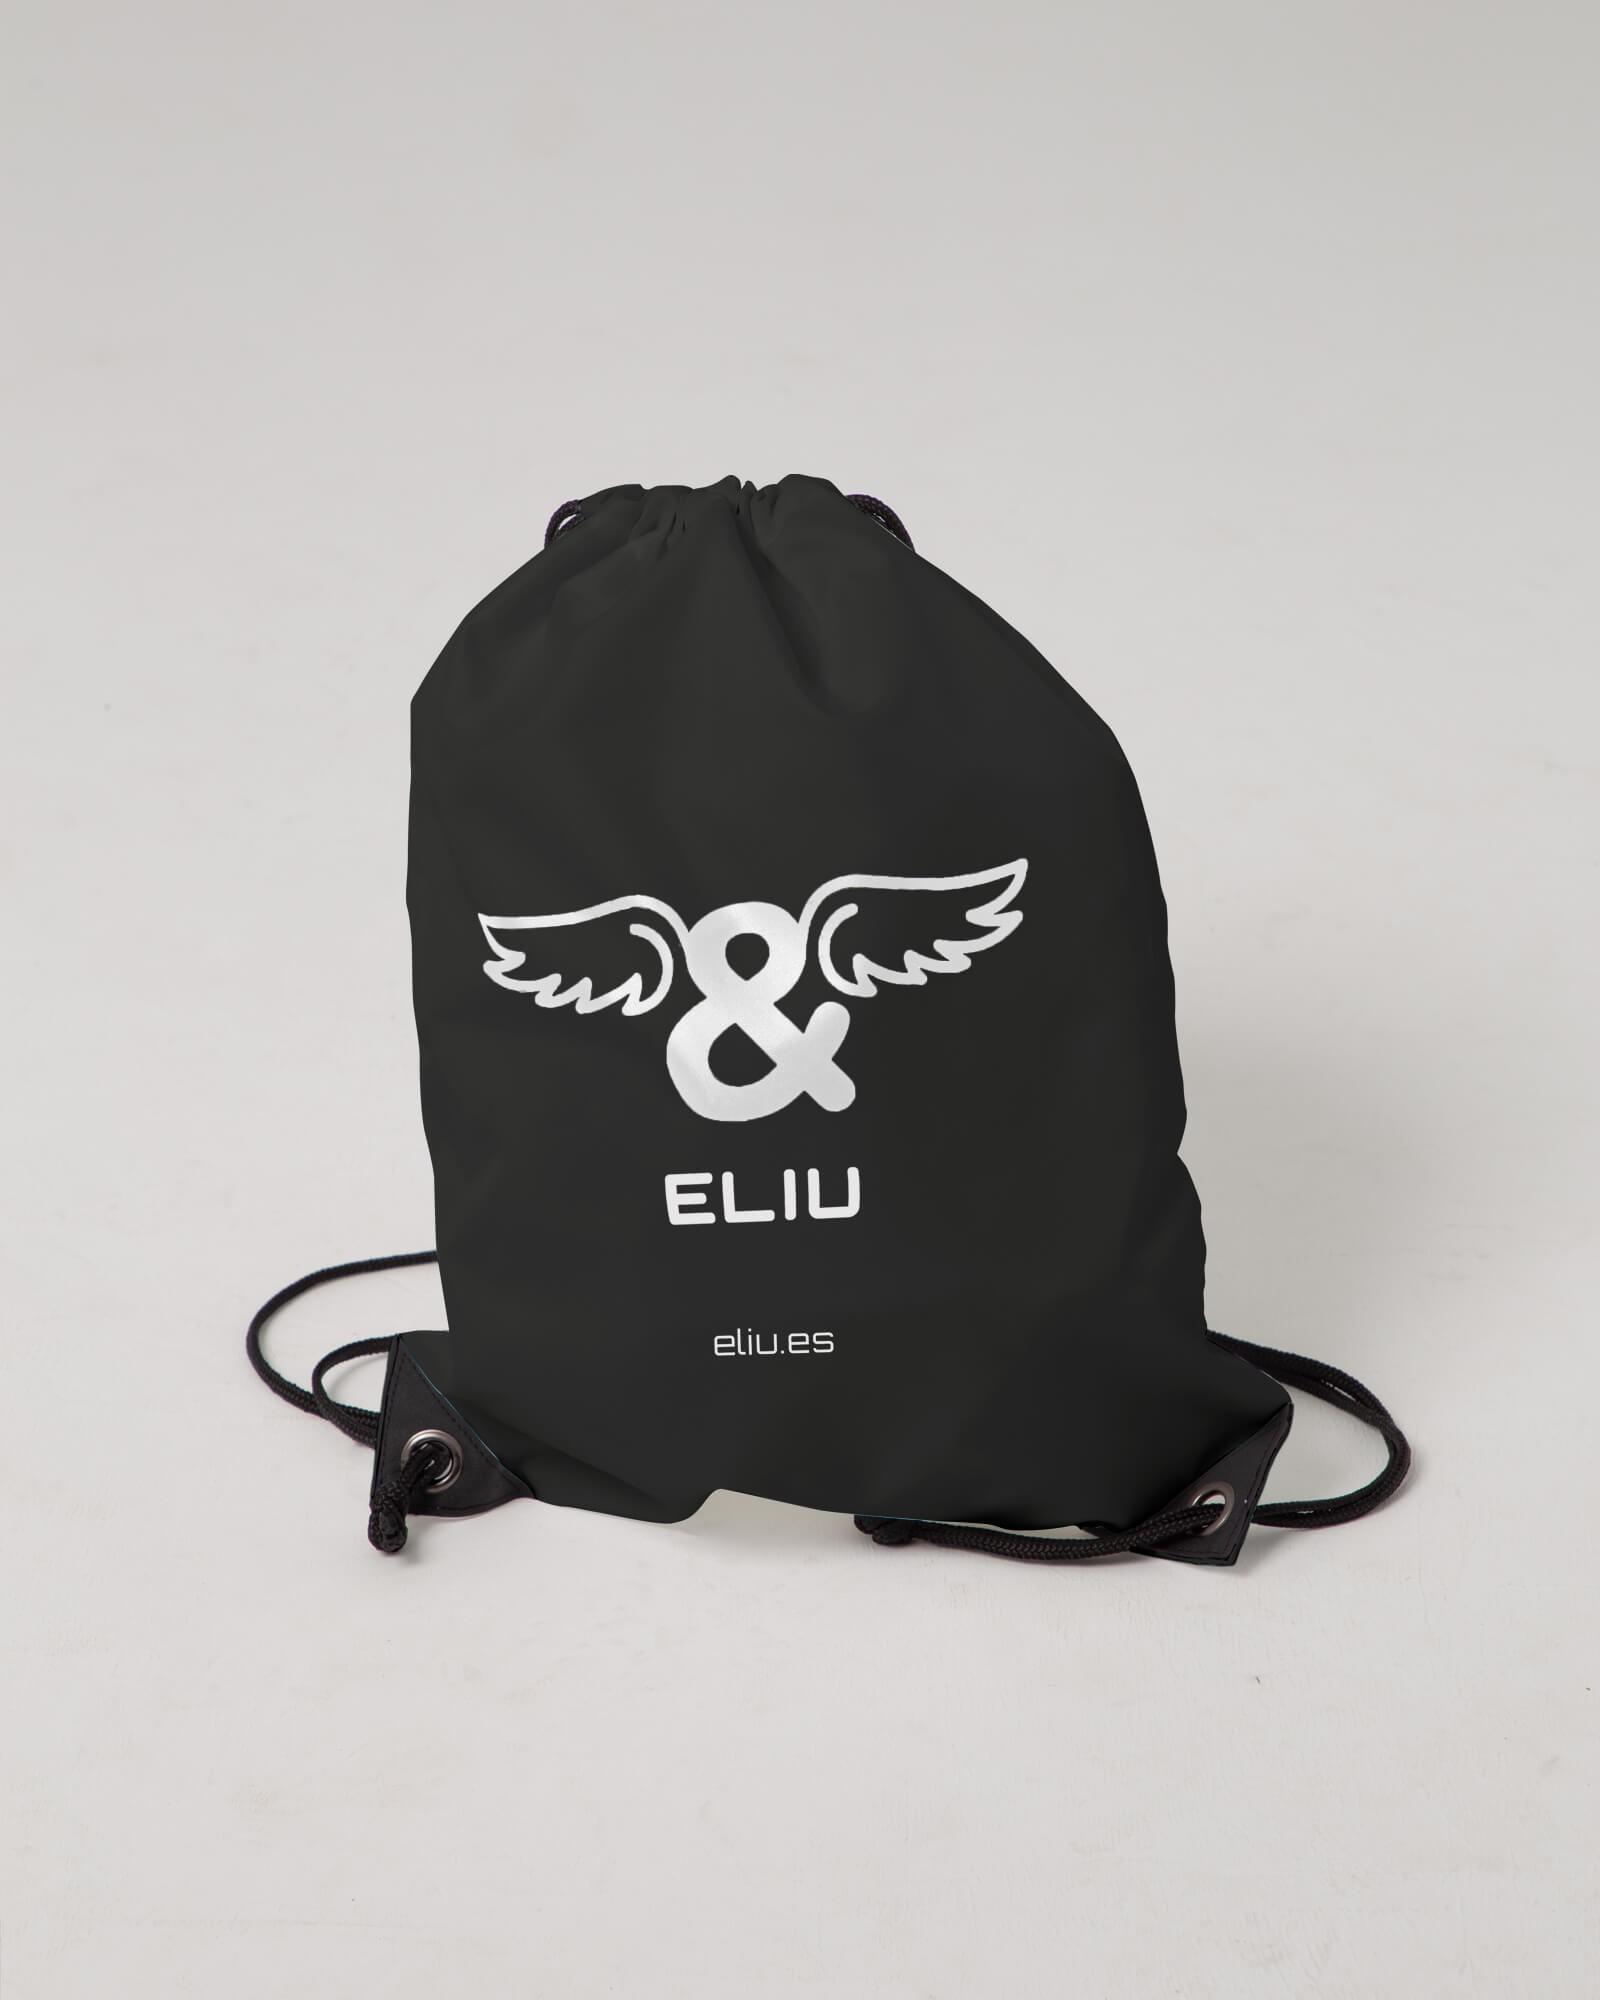 Mochila básica negra con logo en la parte delantera. Estilo urbano marca ELIU streetwear.